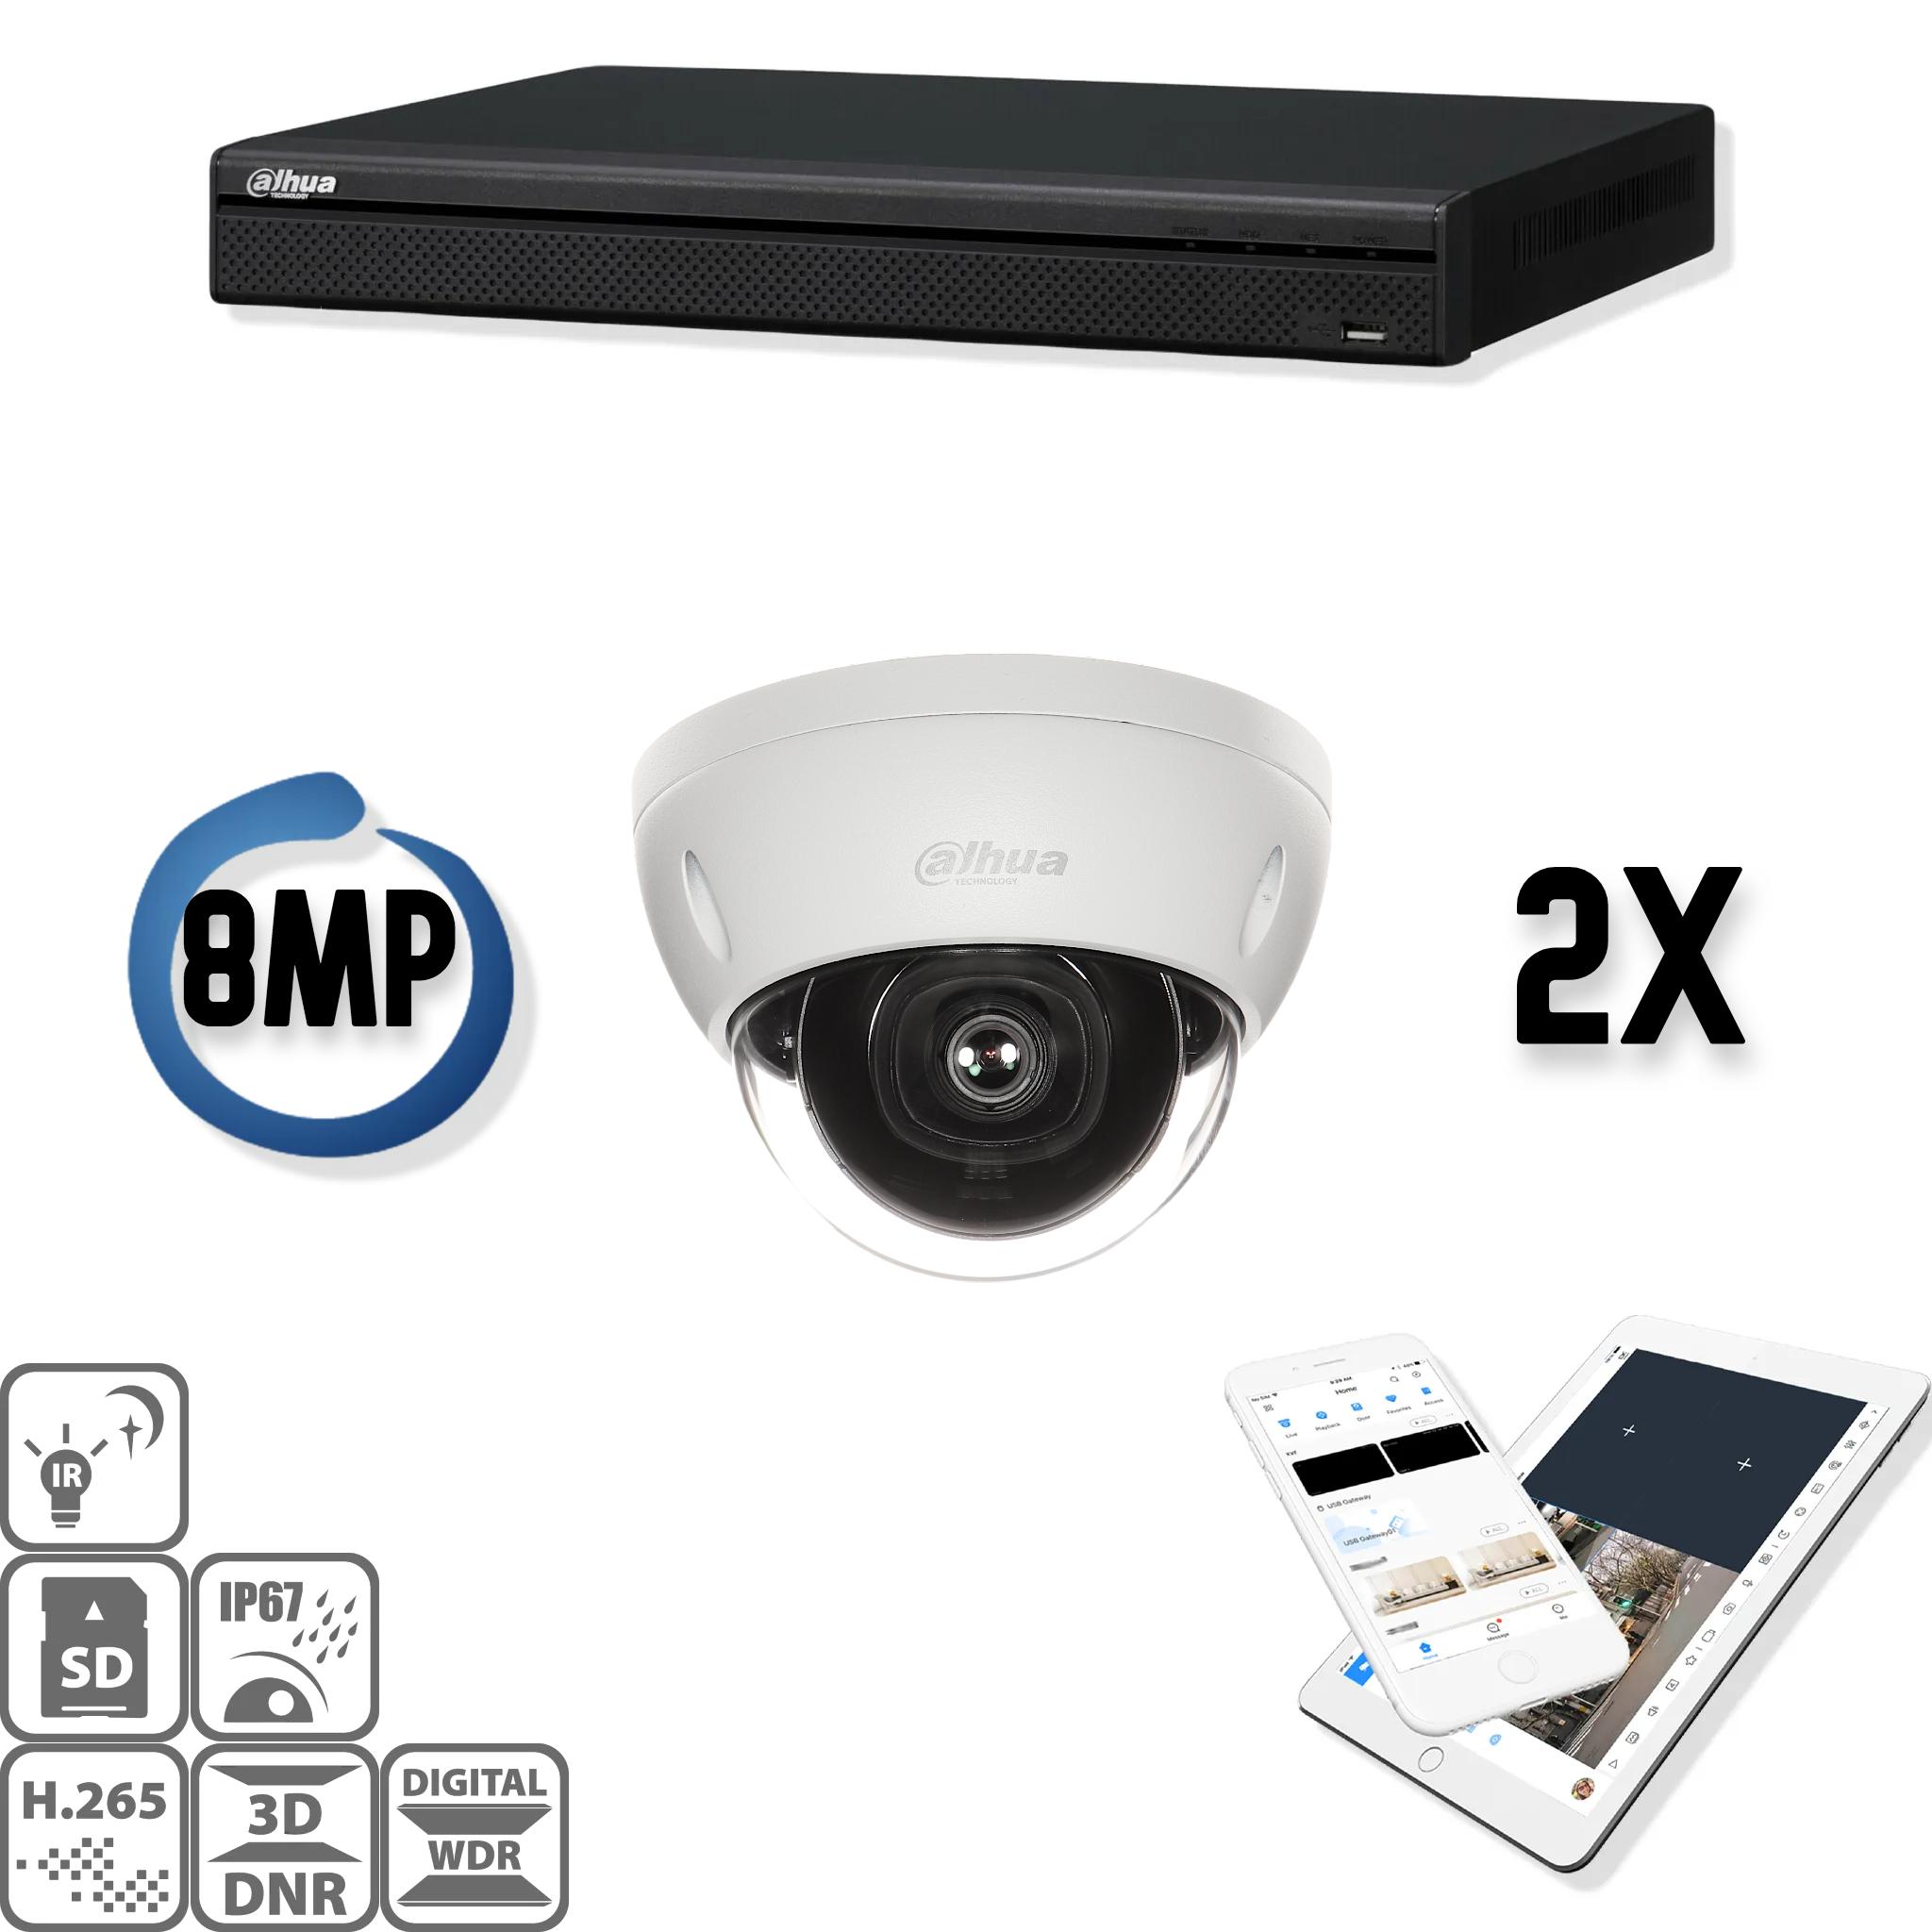 Deze kit bestaat uit:<br /> 1 x 4 Kanaals 4K recorder<br /> 2 x 8 Megapixel Starlight Dahua camera<br /> 1 x DMSS Lite App<br /> 1 x Gratis PC / MAC software<br /> 2 x 20 meter CAT5 kabel<br /> 1 x USB muis<br /> 1x 1 meter HDMI kabel